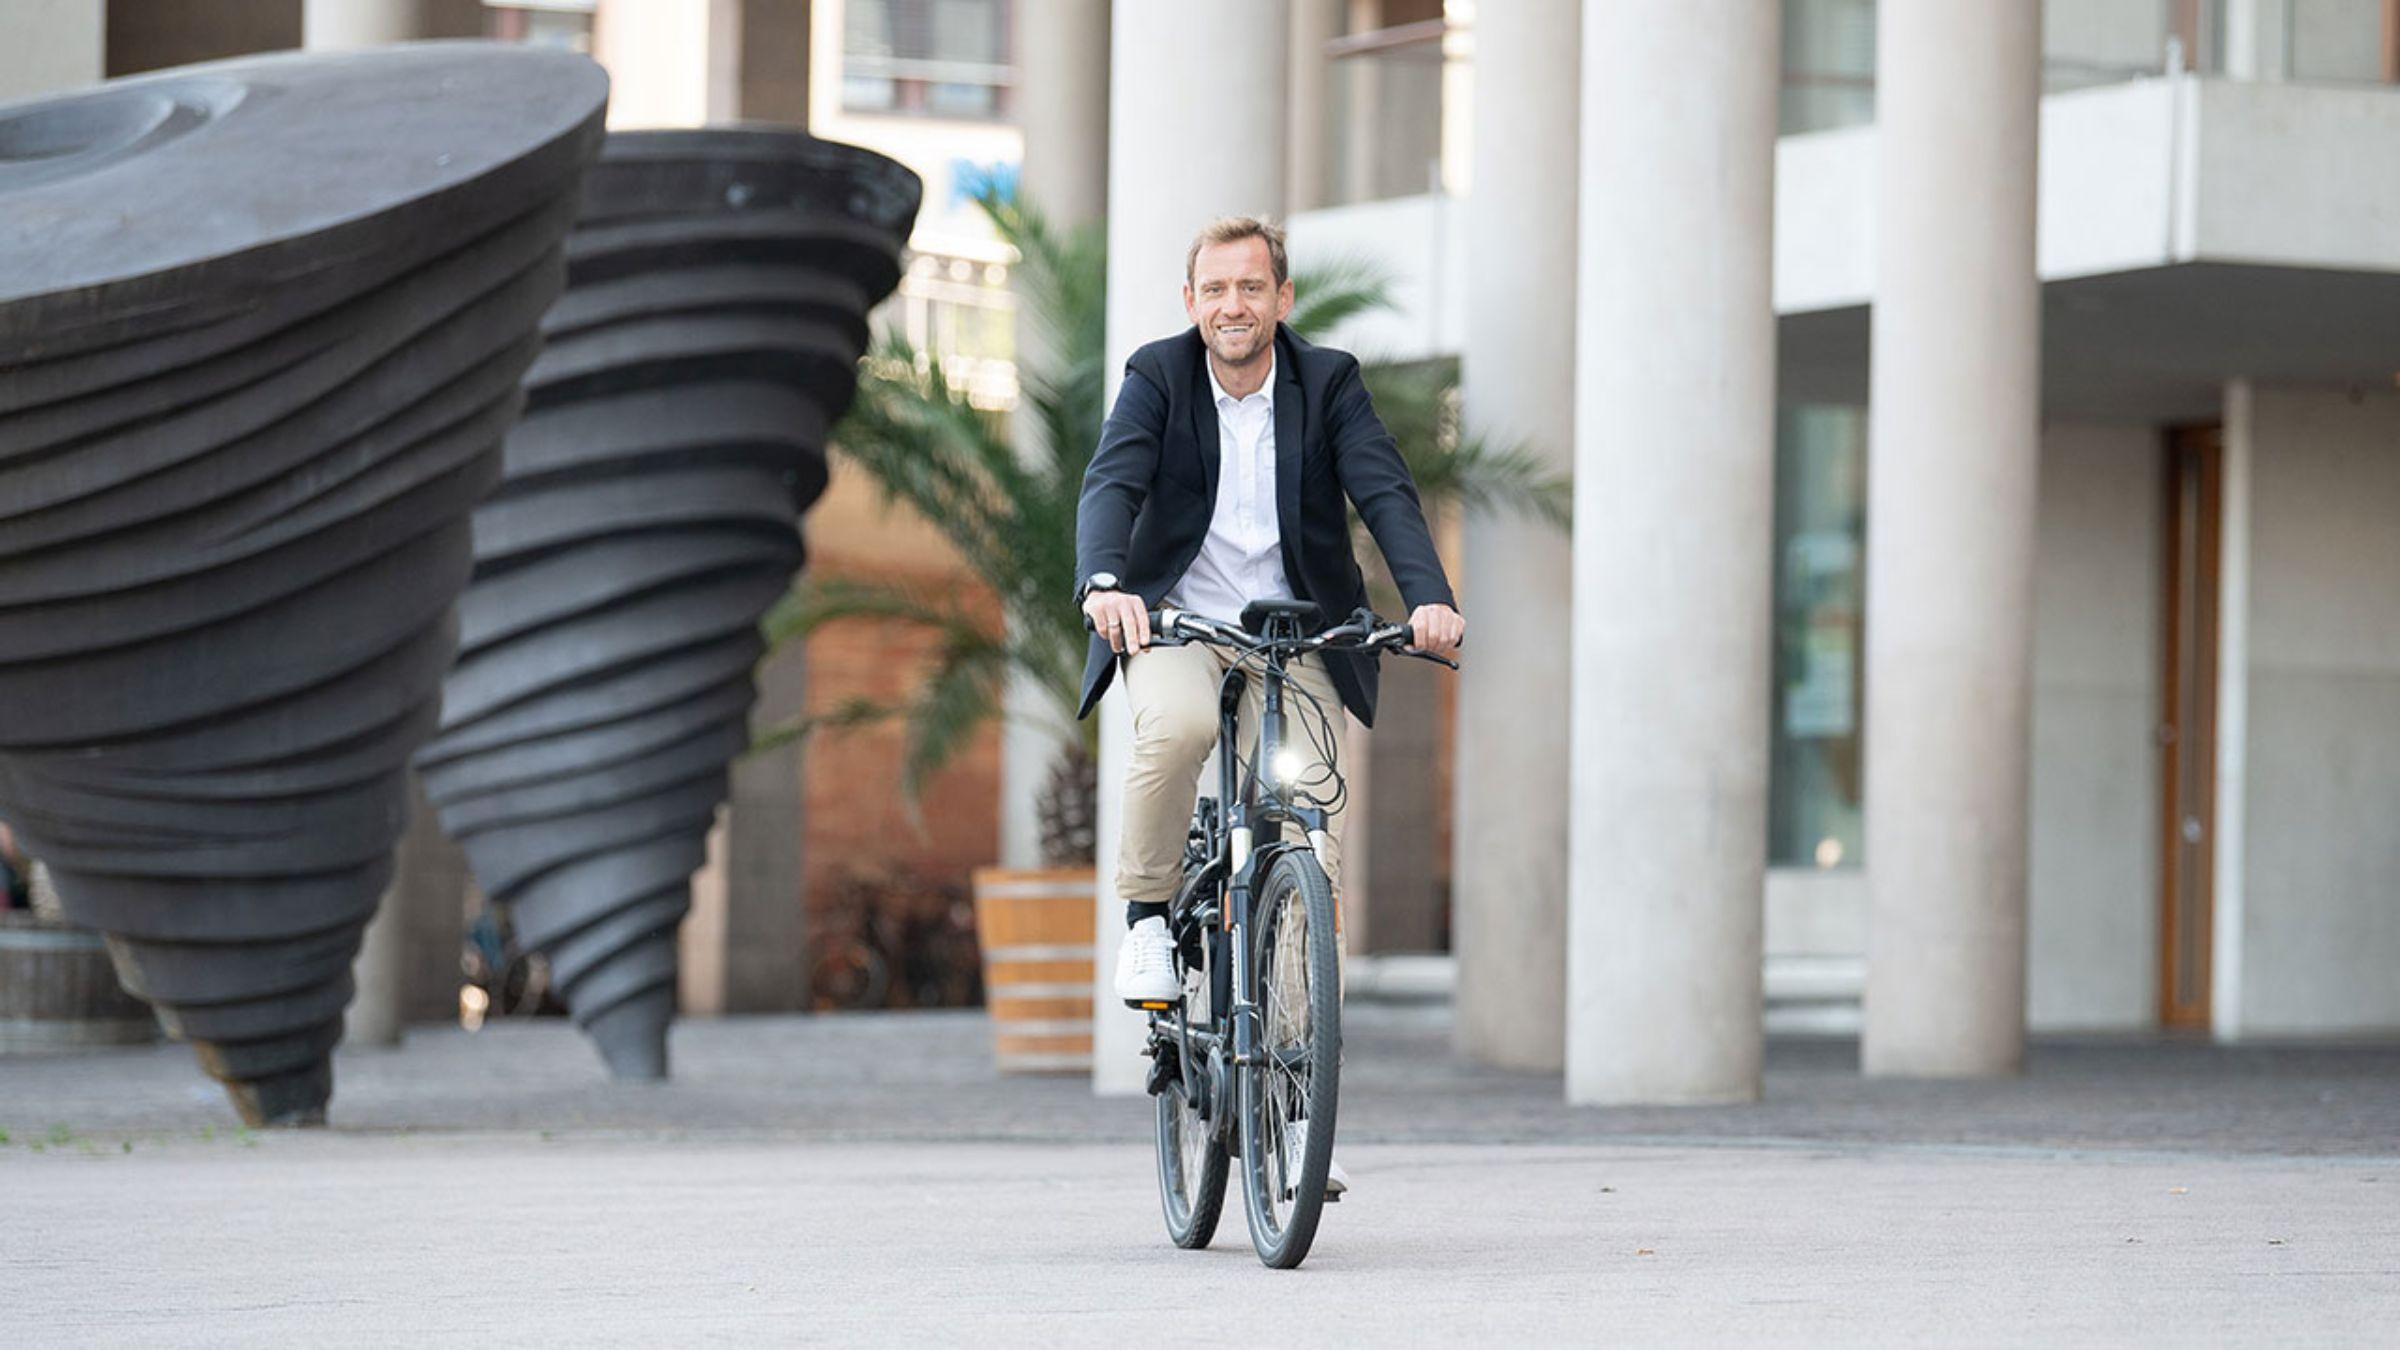 JobRad-Geschäftsführer Ulrich Prediger fährt Fahrrad frontal